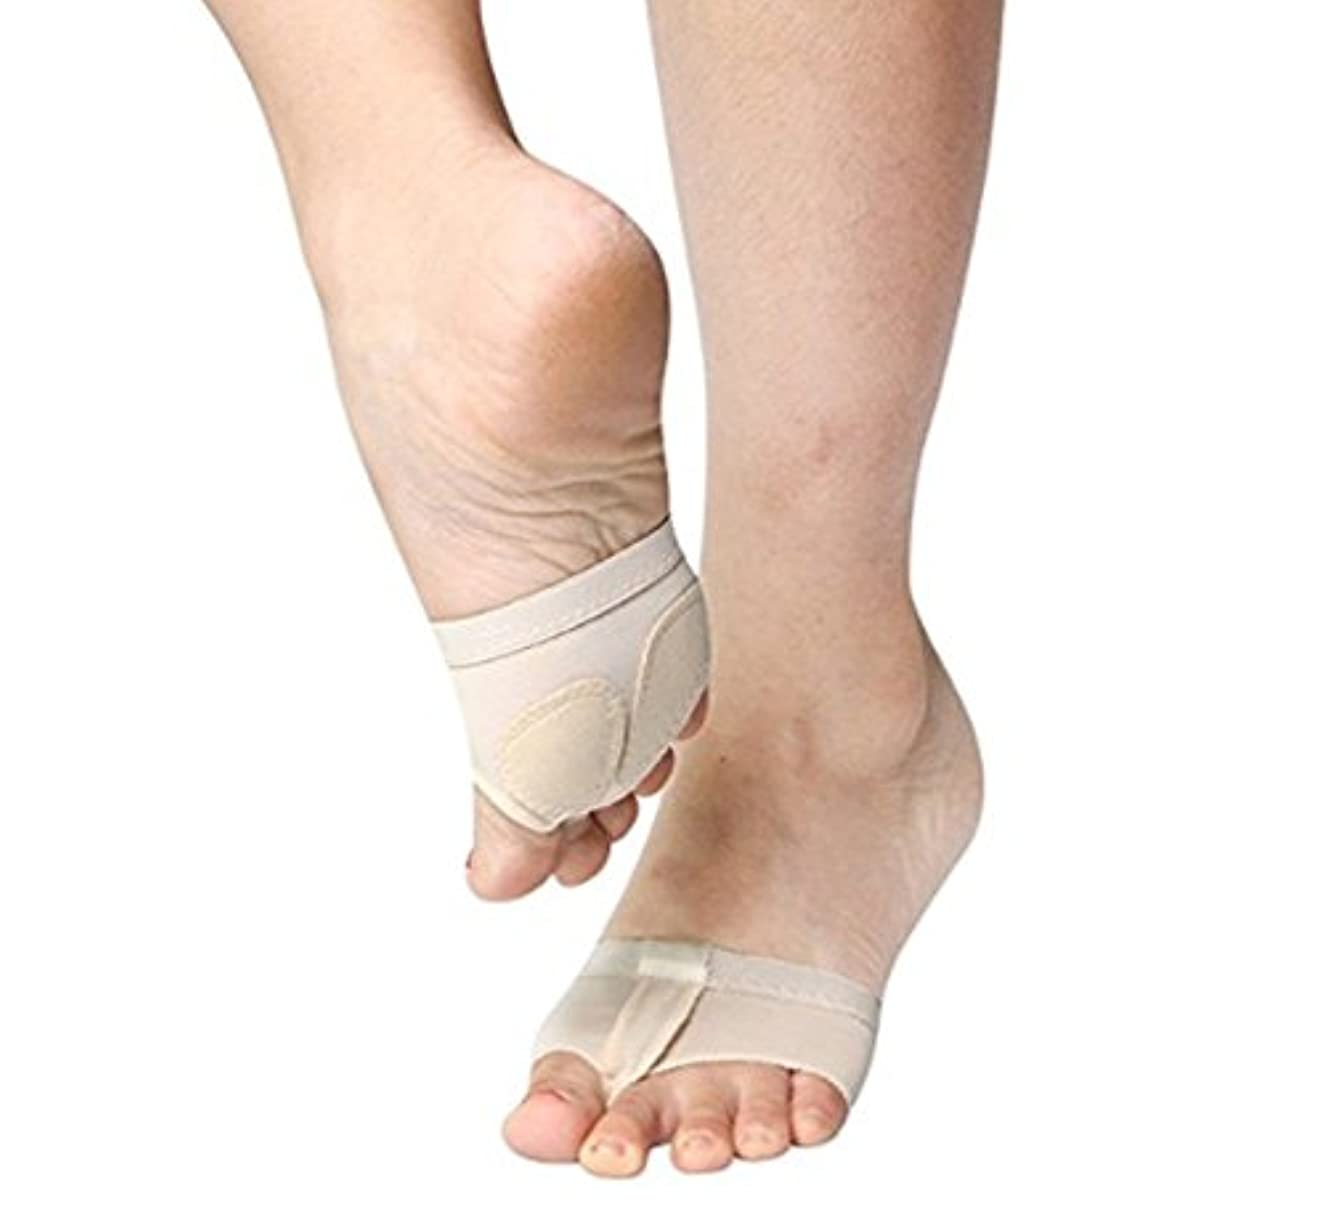 確立しますに変わる入手しますDragon Honor 足裏保護パッド 底マメ 足裏サポーター 種子骨保護サポーター 衝撃吸収 痛み和らげ 足底筋膜炎 立ち仕事 ダンサーに対応 疲れ軽減 左右セット (M)